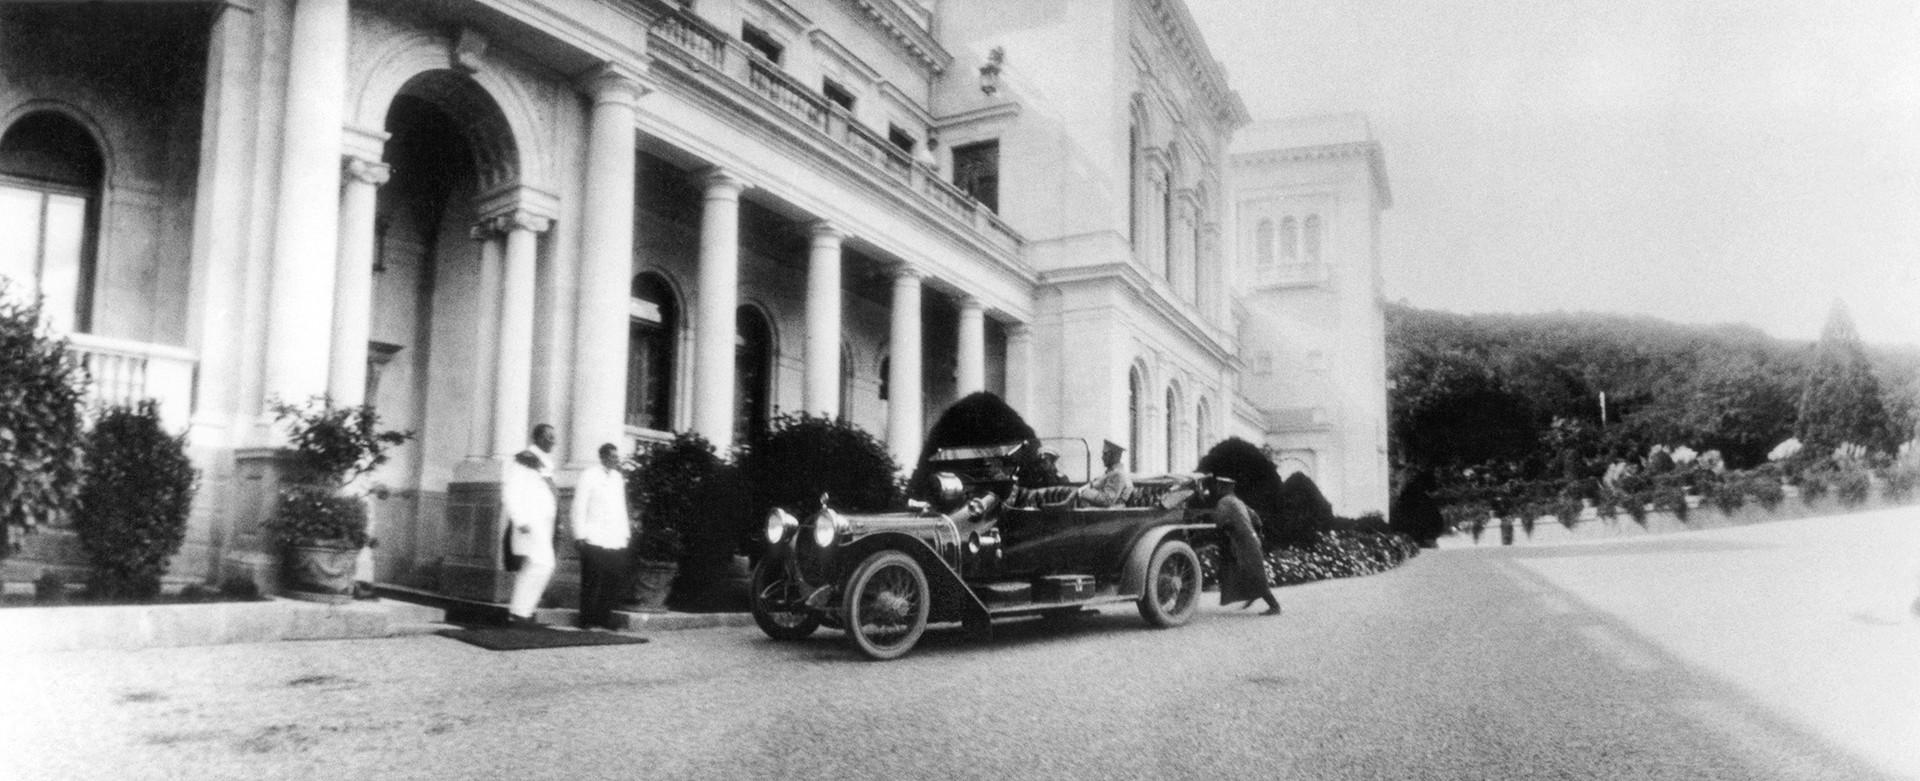 Livadia, Krimea, Kekaisaran Rusia. Tsar Nikolay II keluar dari sebuah mobil di Istana Livadia. Pria yang duduk di mobil adalah Vladimir Dedyulin yang bertanggung jawab atas keamanan Istana Tsar.